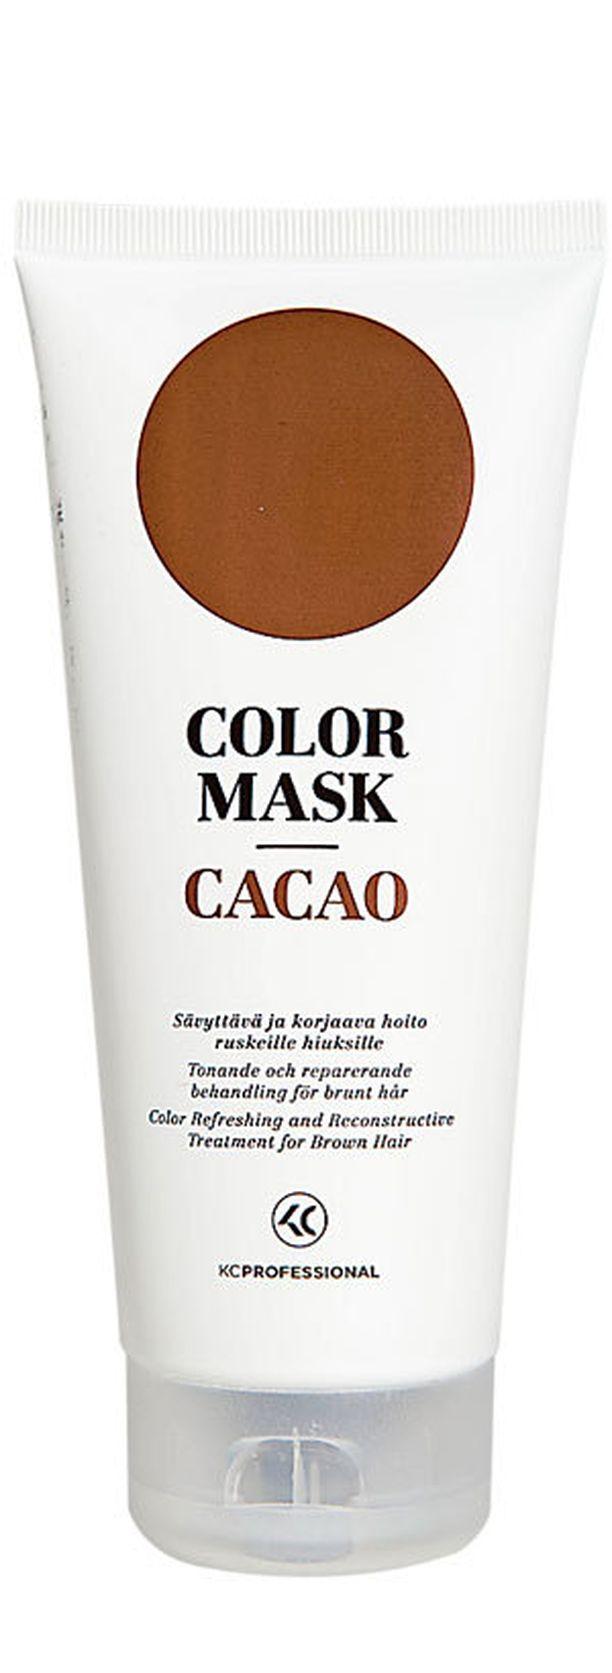 Sävyttävä ja korjaava KC Colour Mask -tehohoito antaa hiuksille lämpimän ruskean vivahteen. 16,50 €/200 ml.